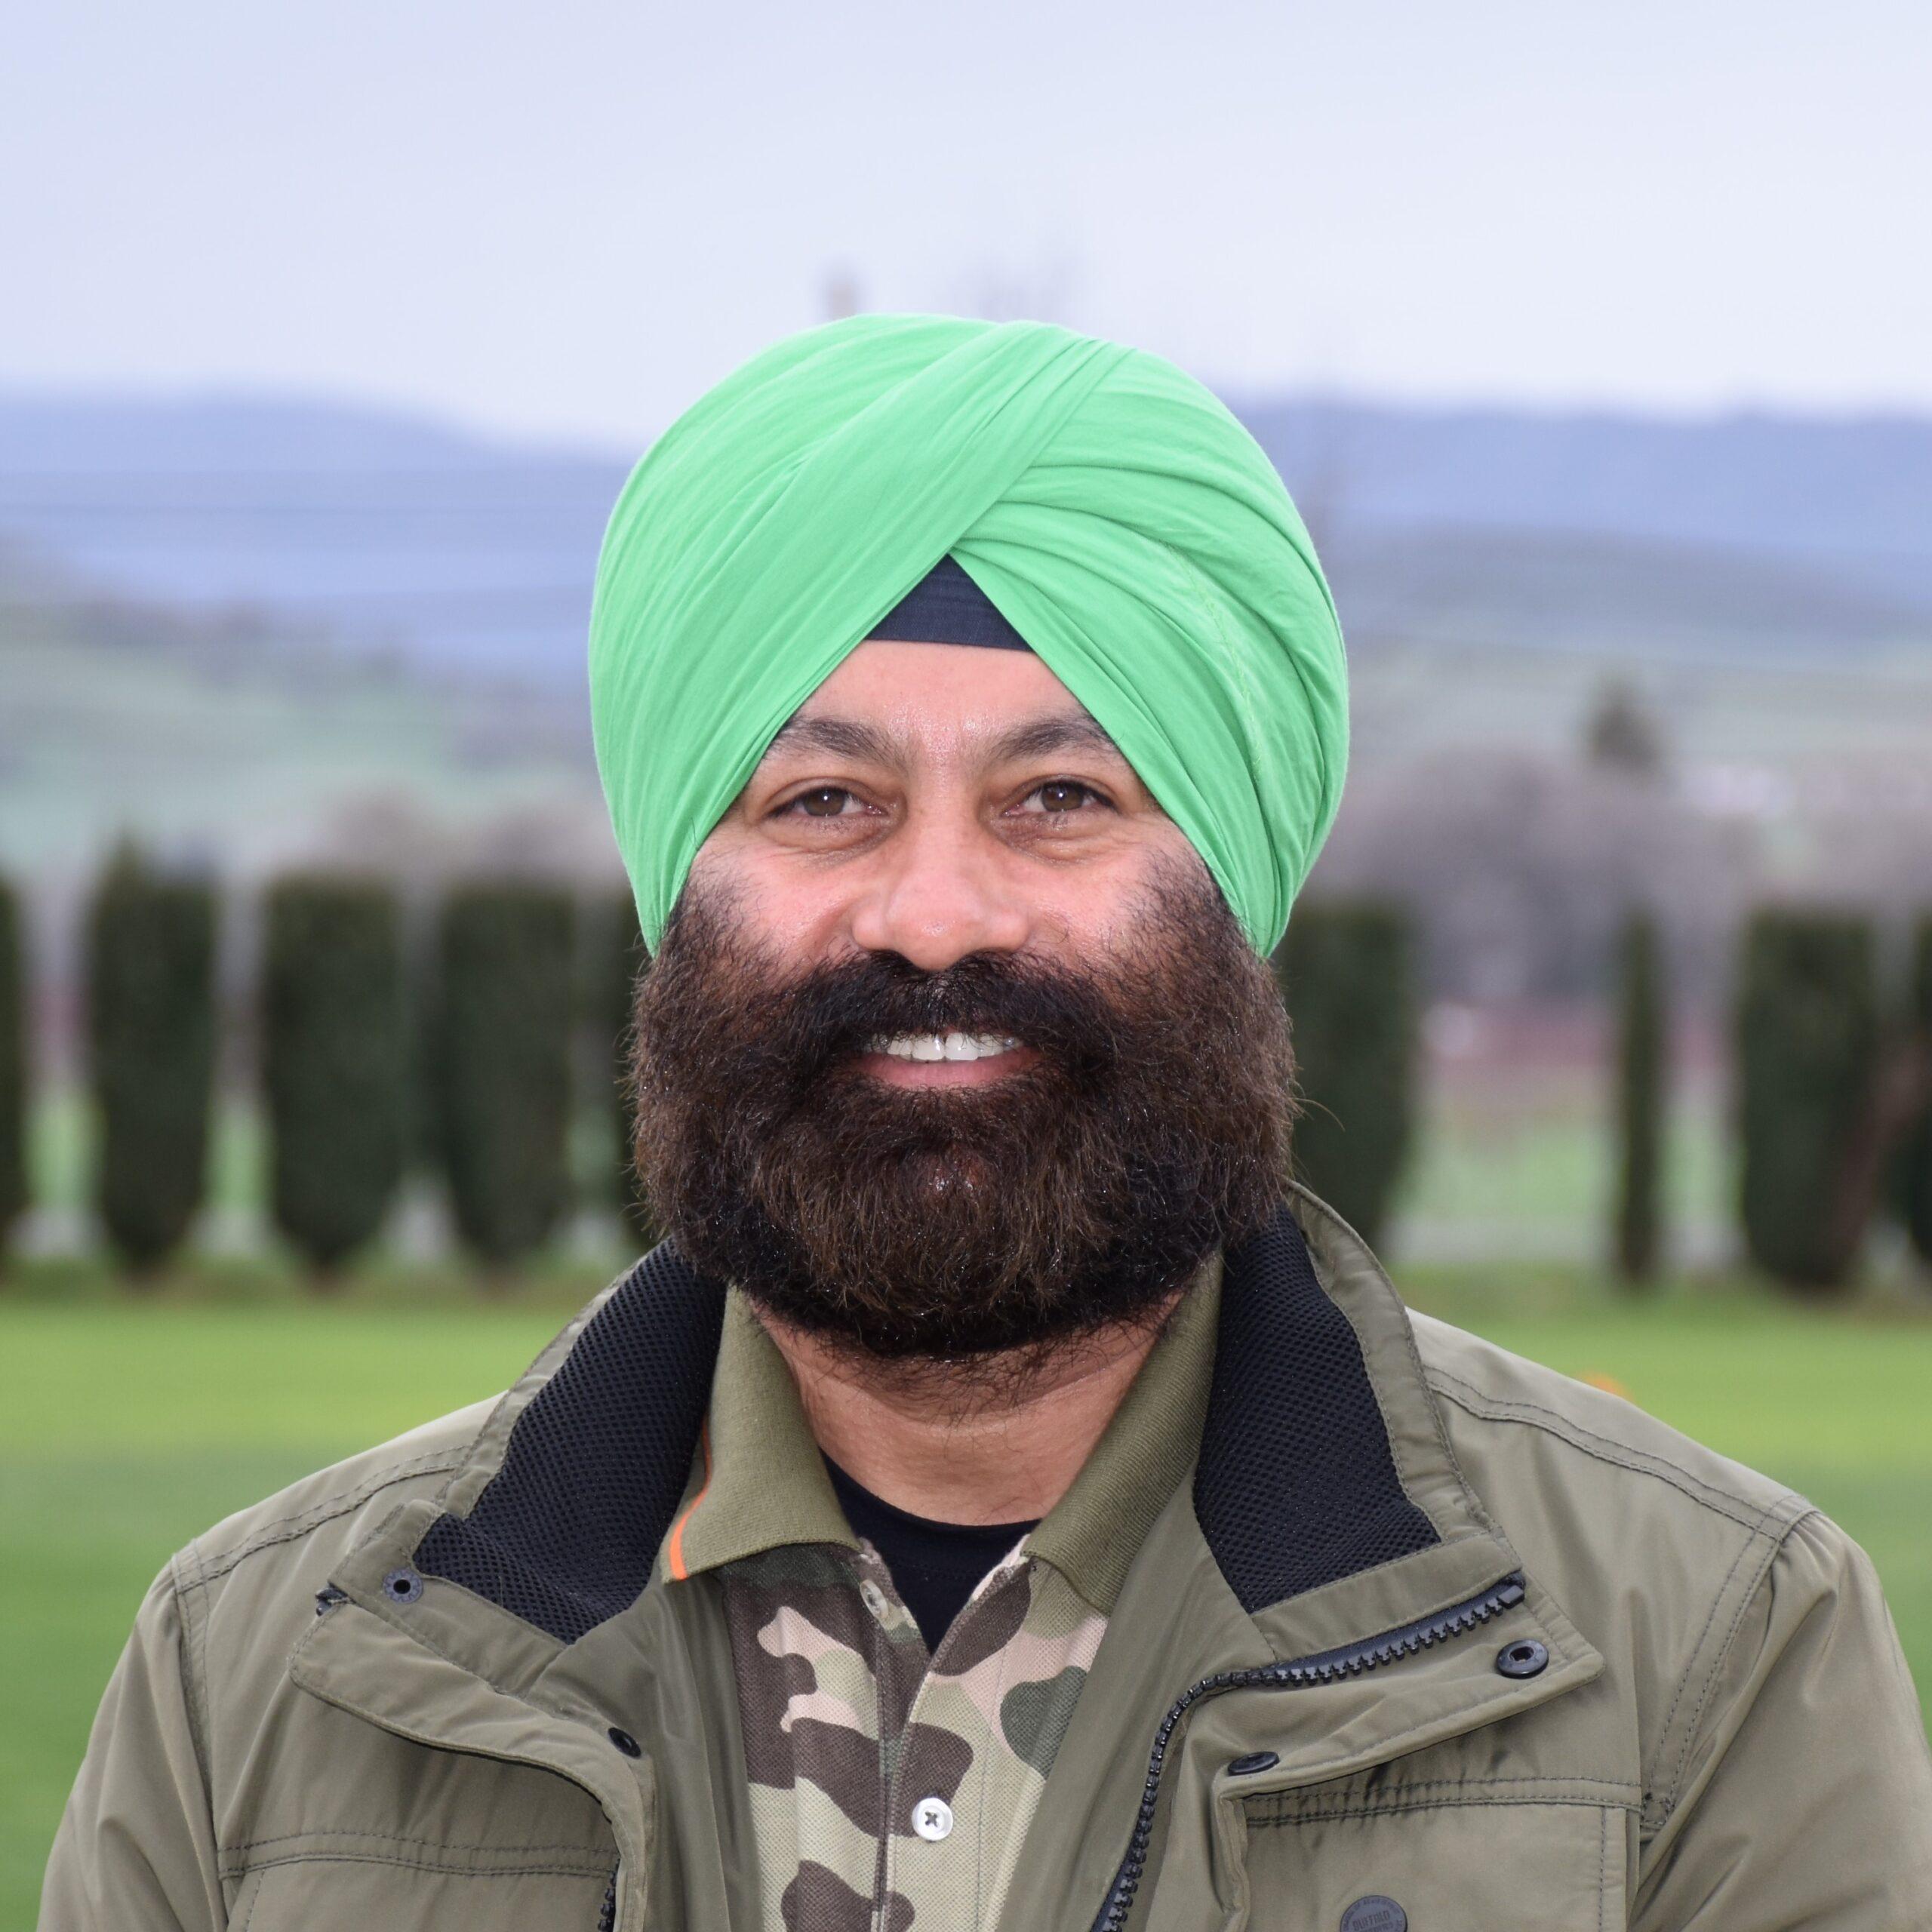 Jaspreet Singh Khinda